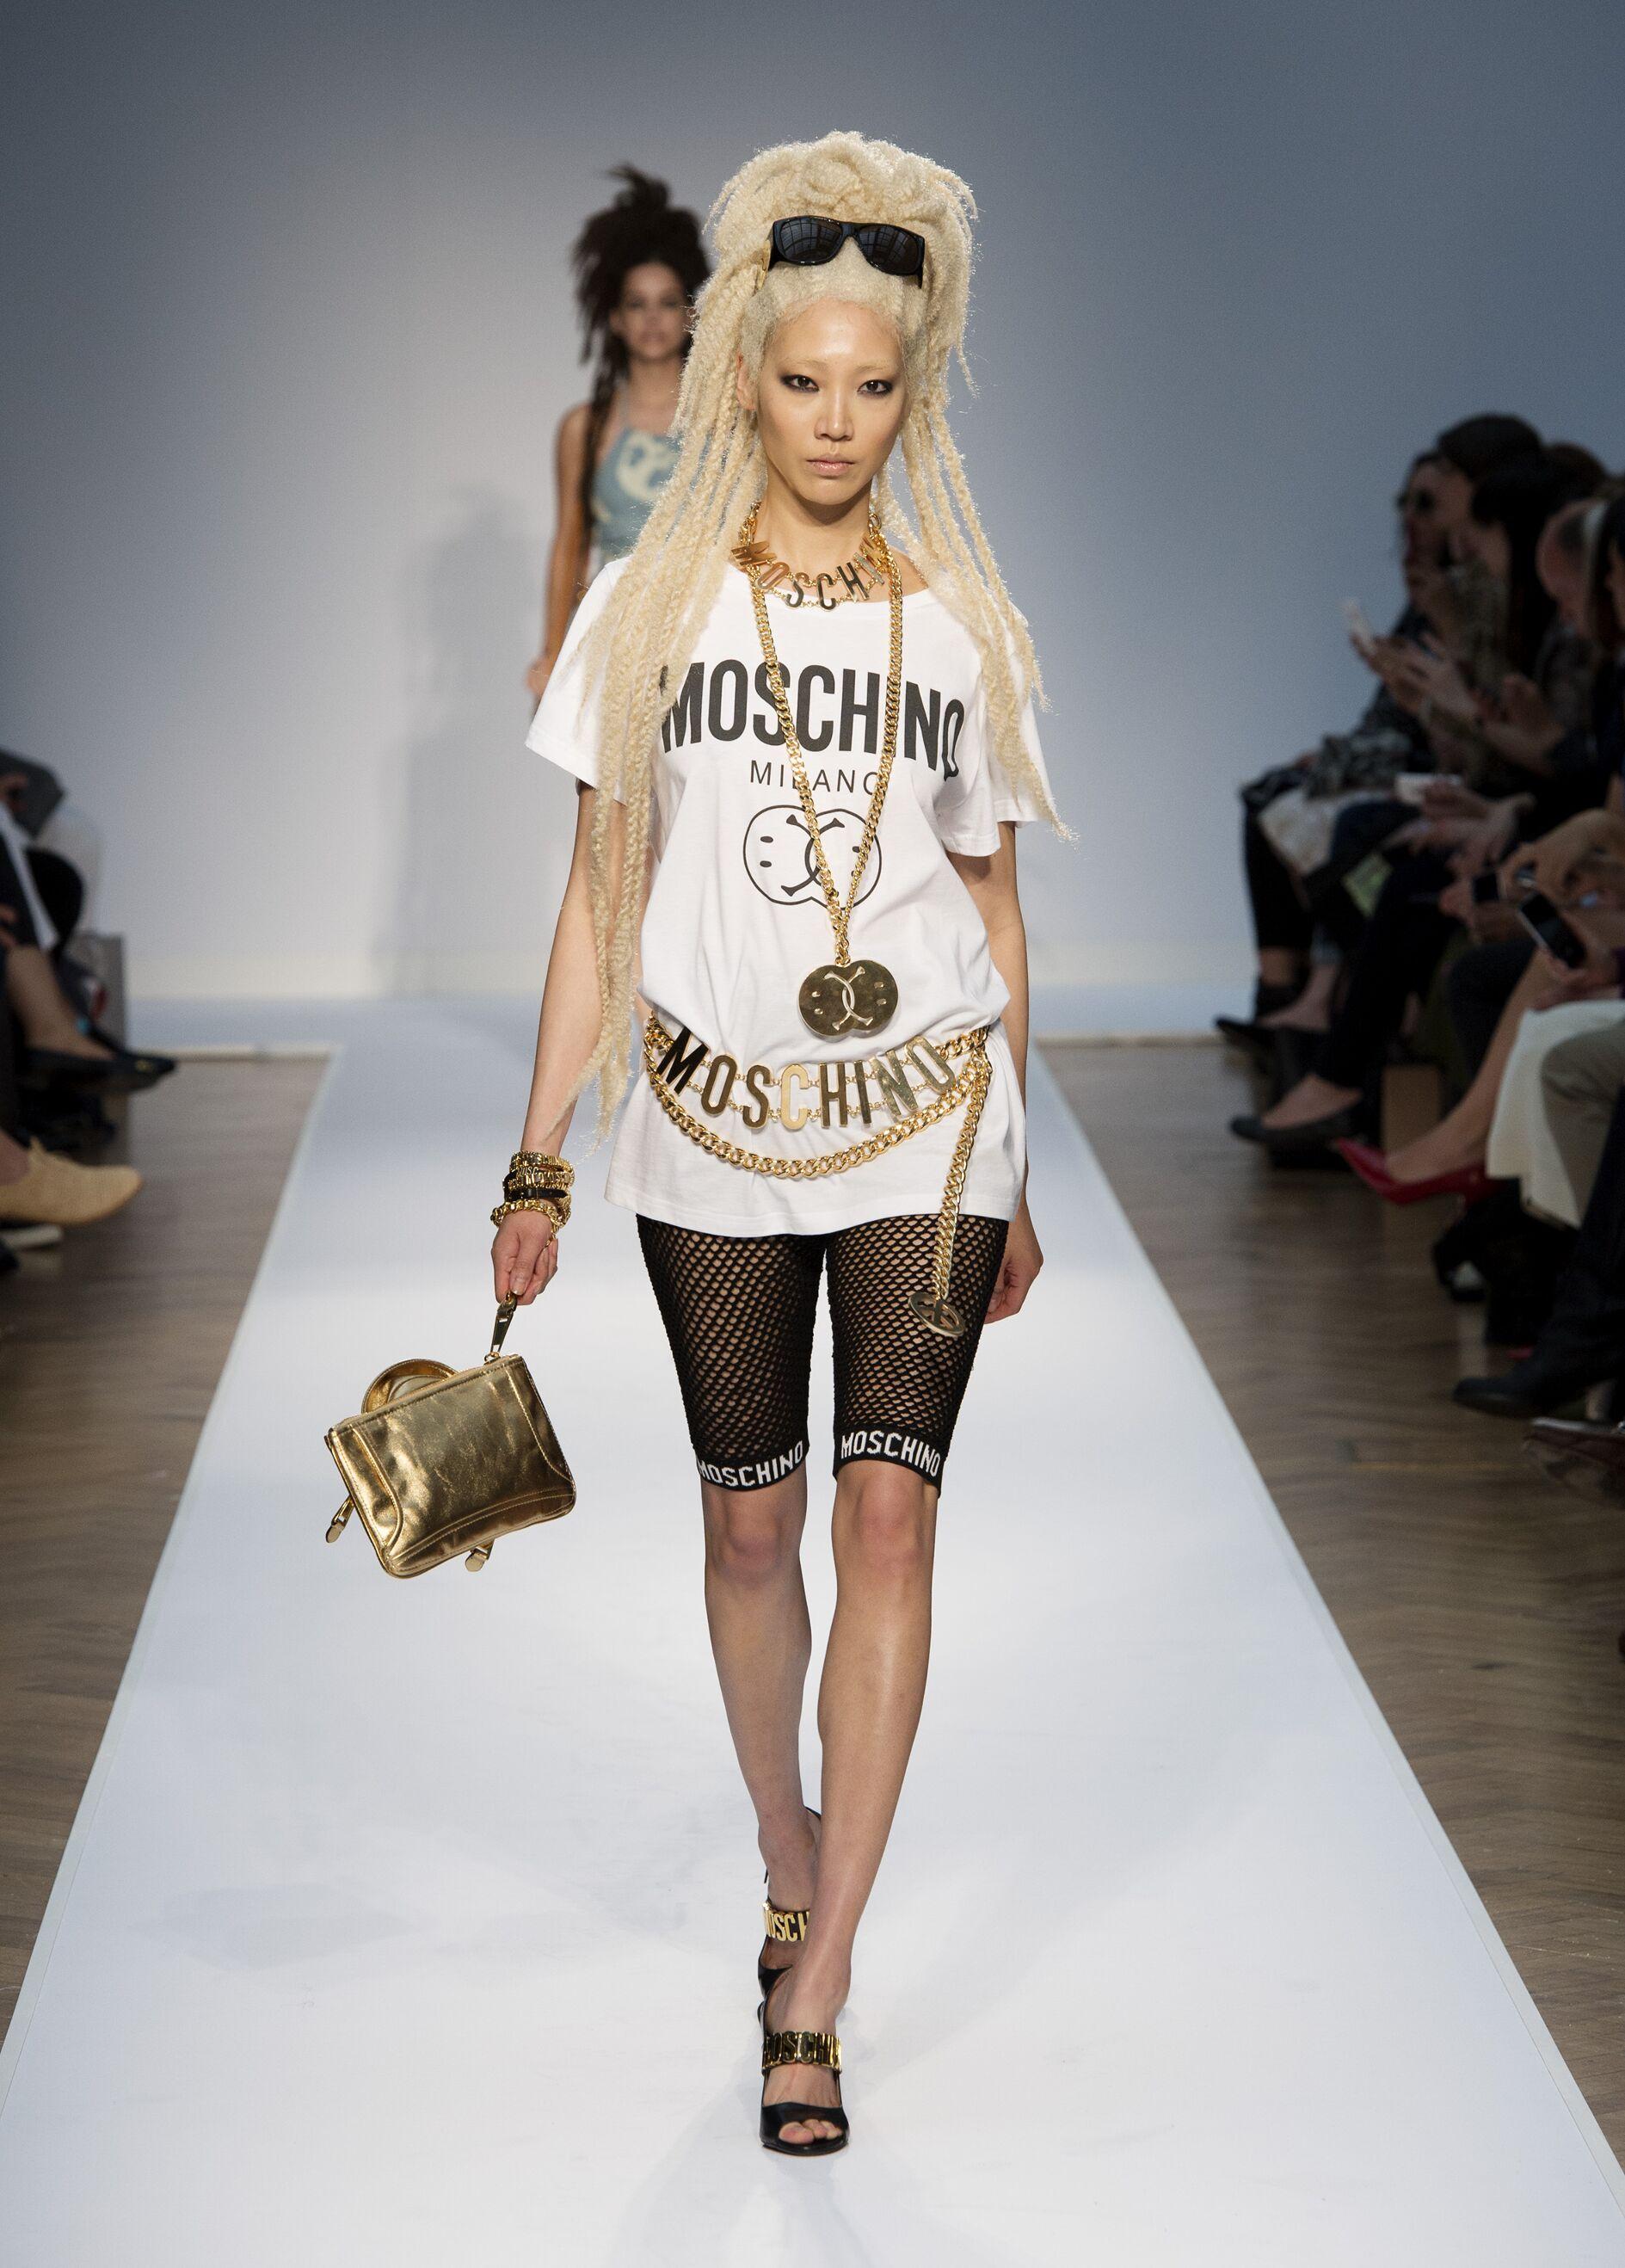 Spring Fashion 2015 Moschino